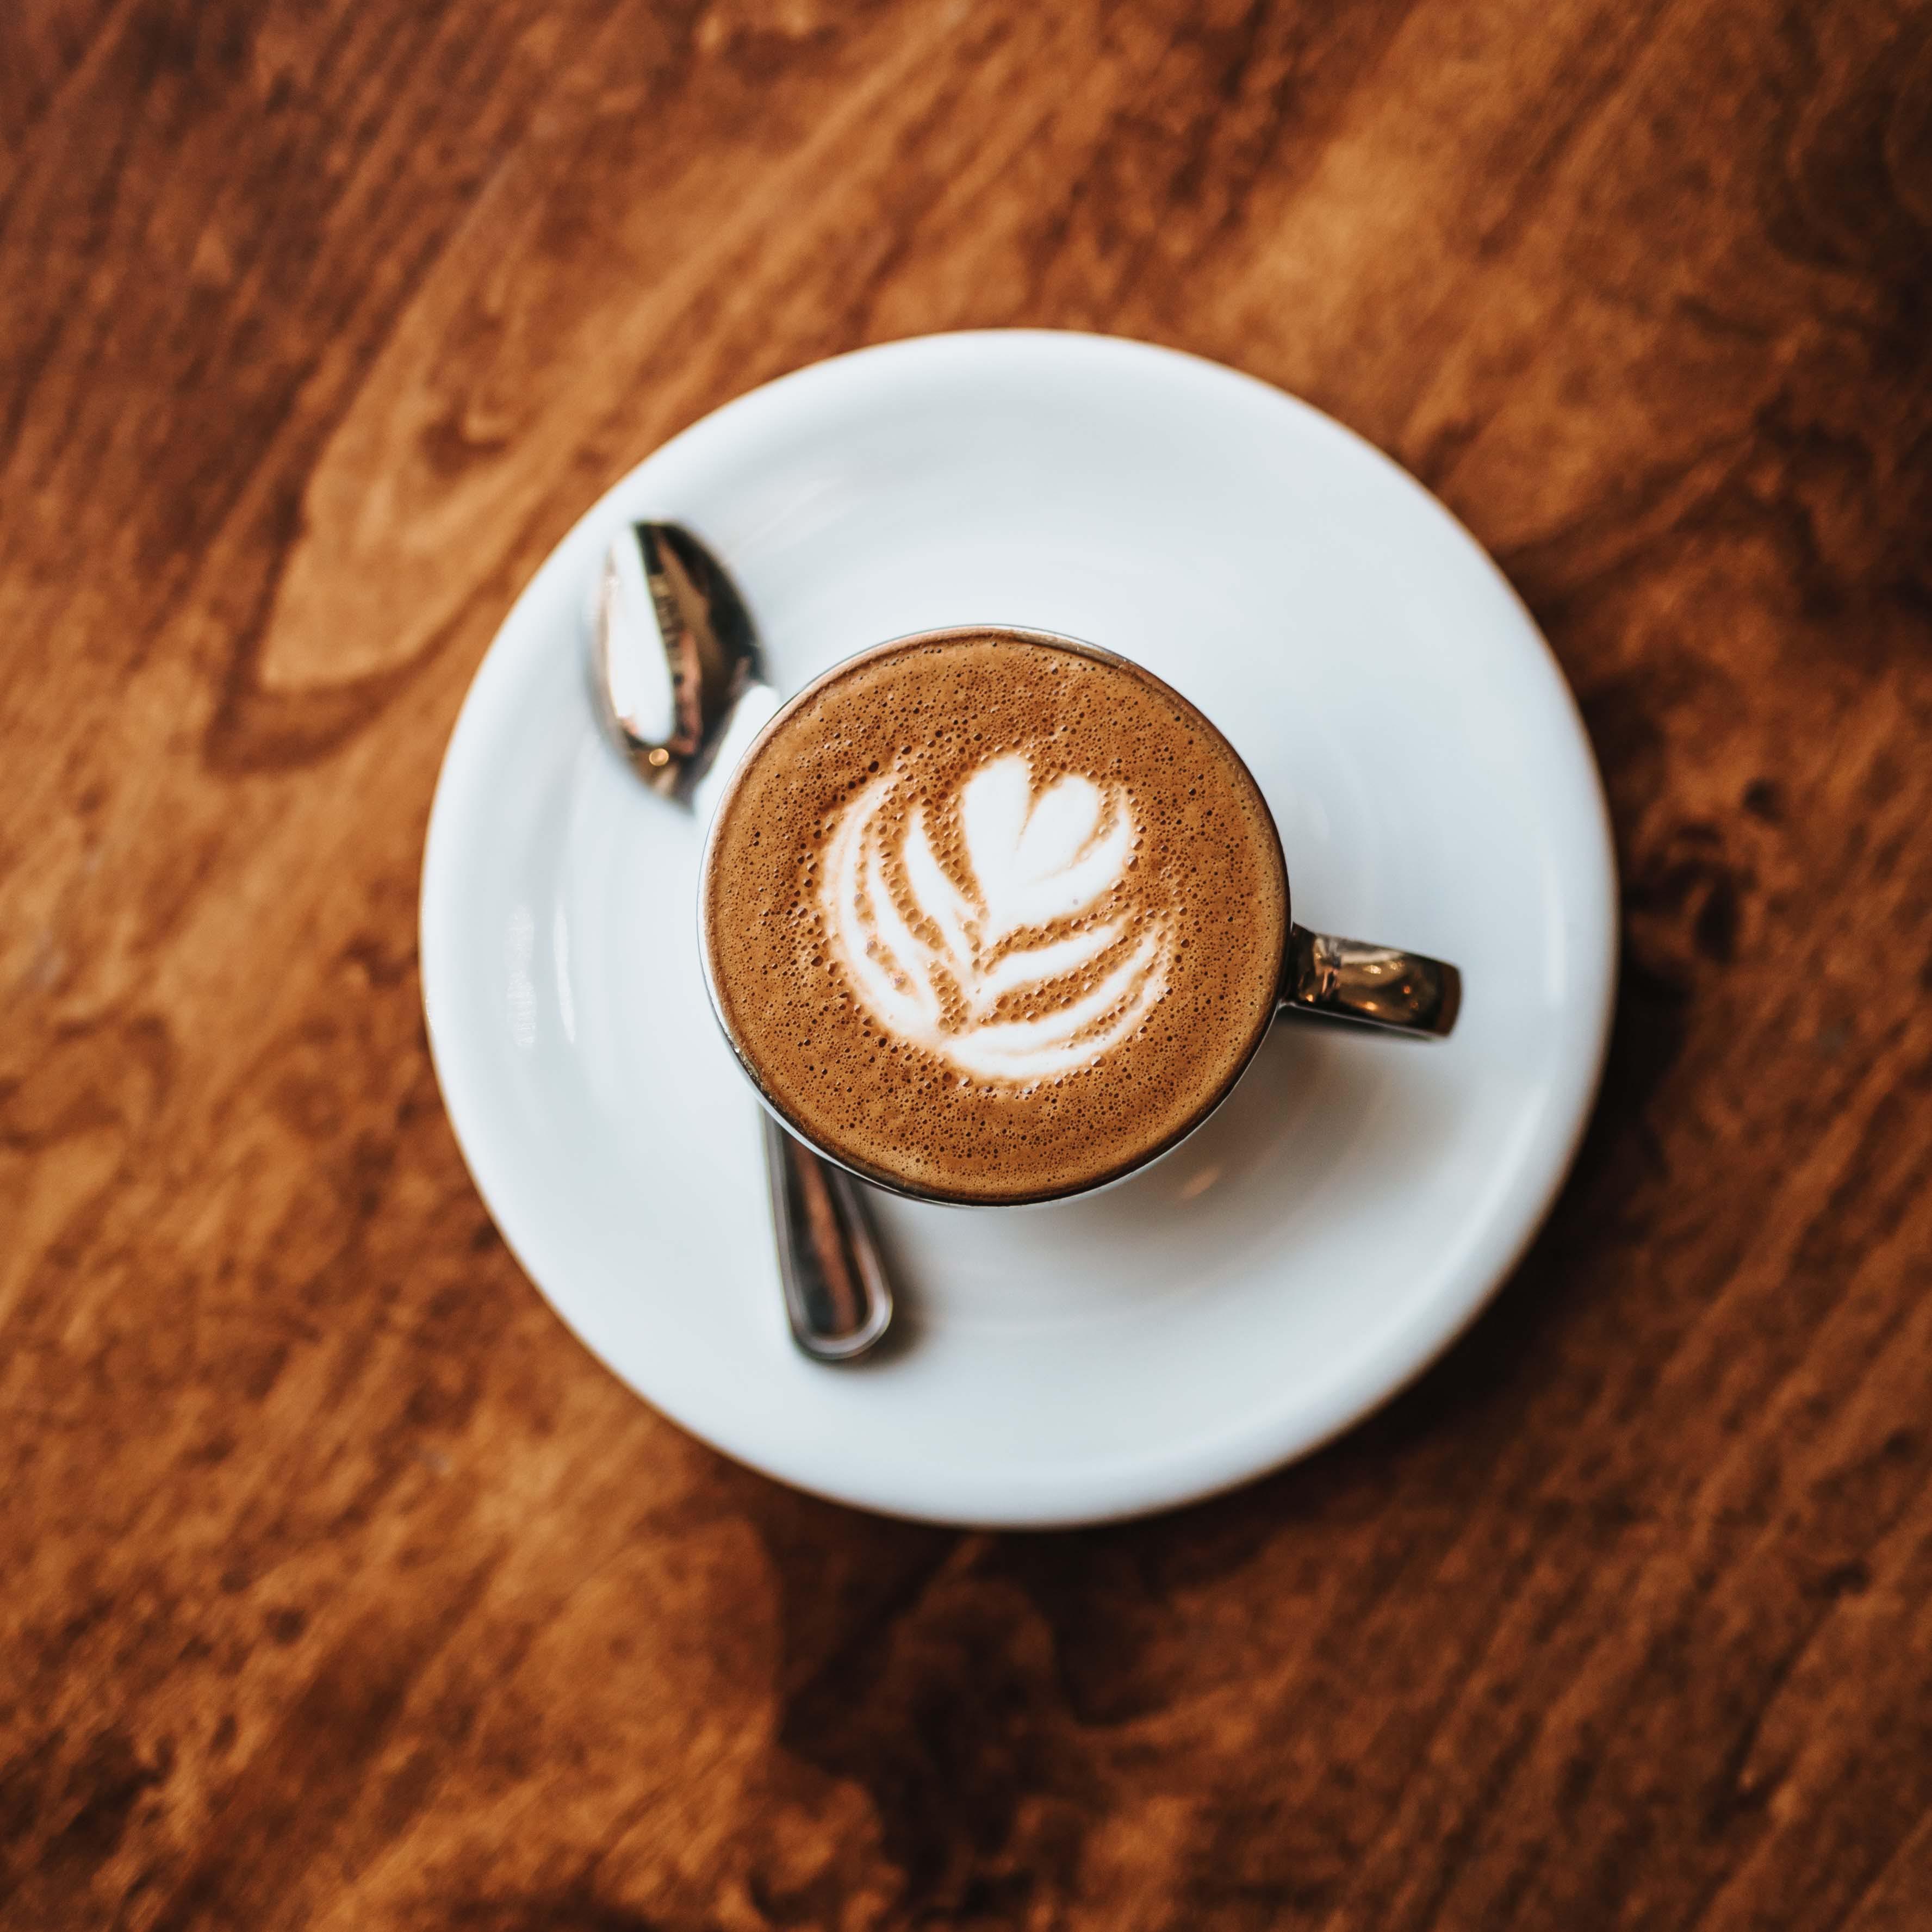 Caffè macchiato,Latte,Flat white,Cappuccino,Mocaccino,Caffeine,Cortado,Coffee,Wiener melange,Espresso